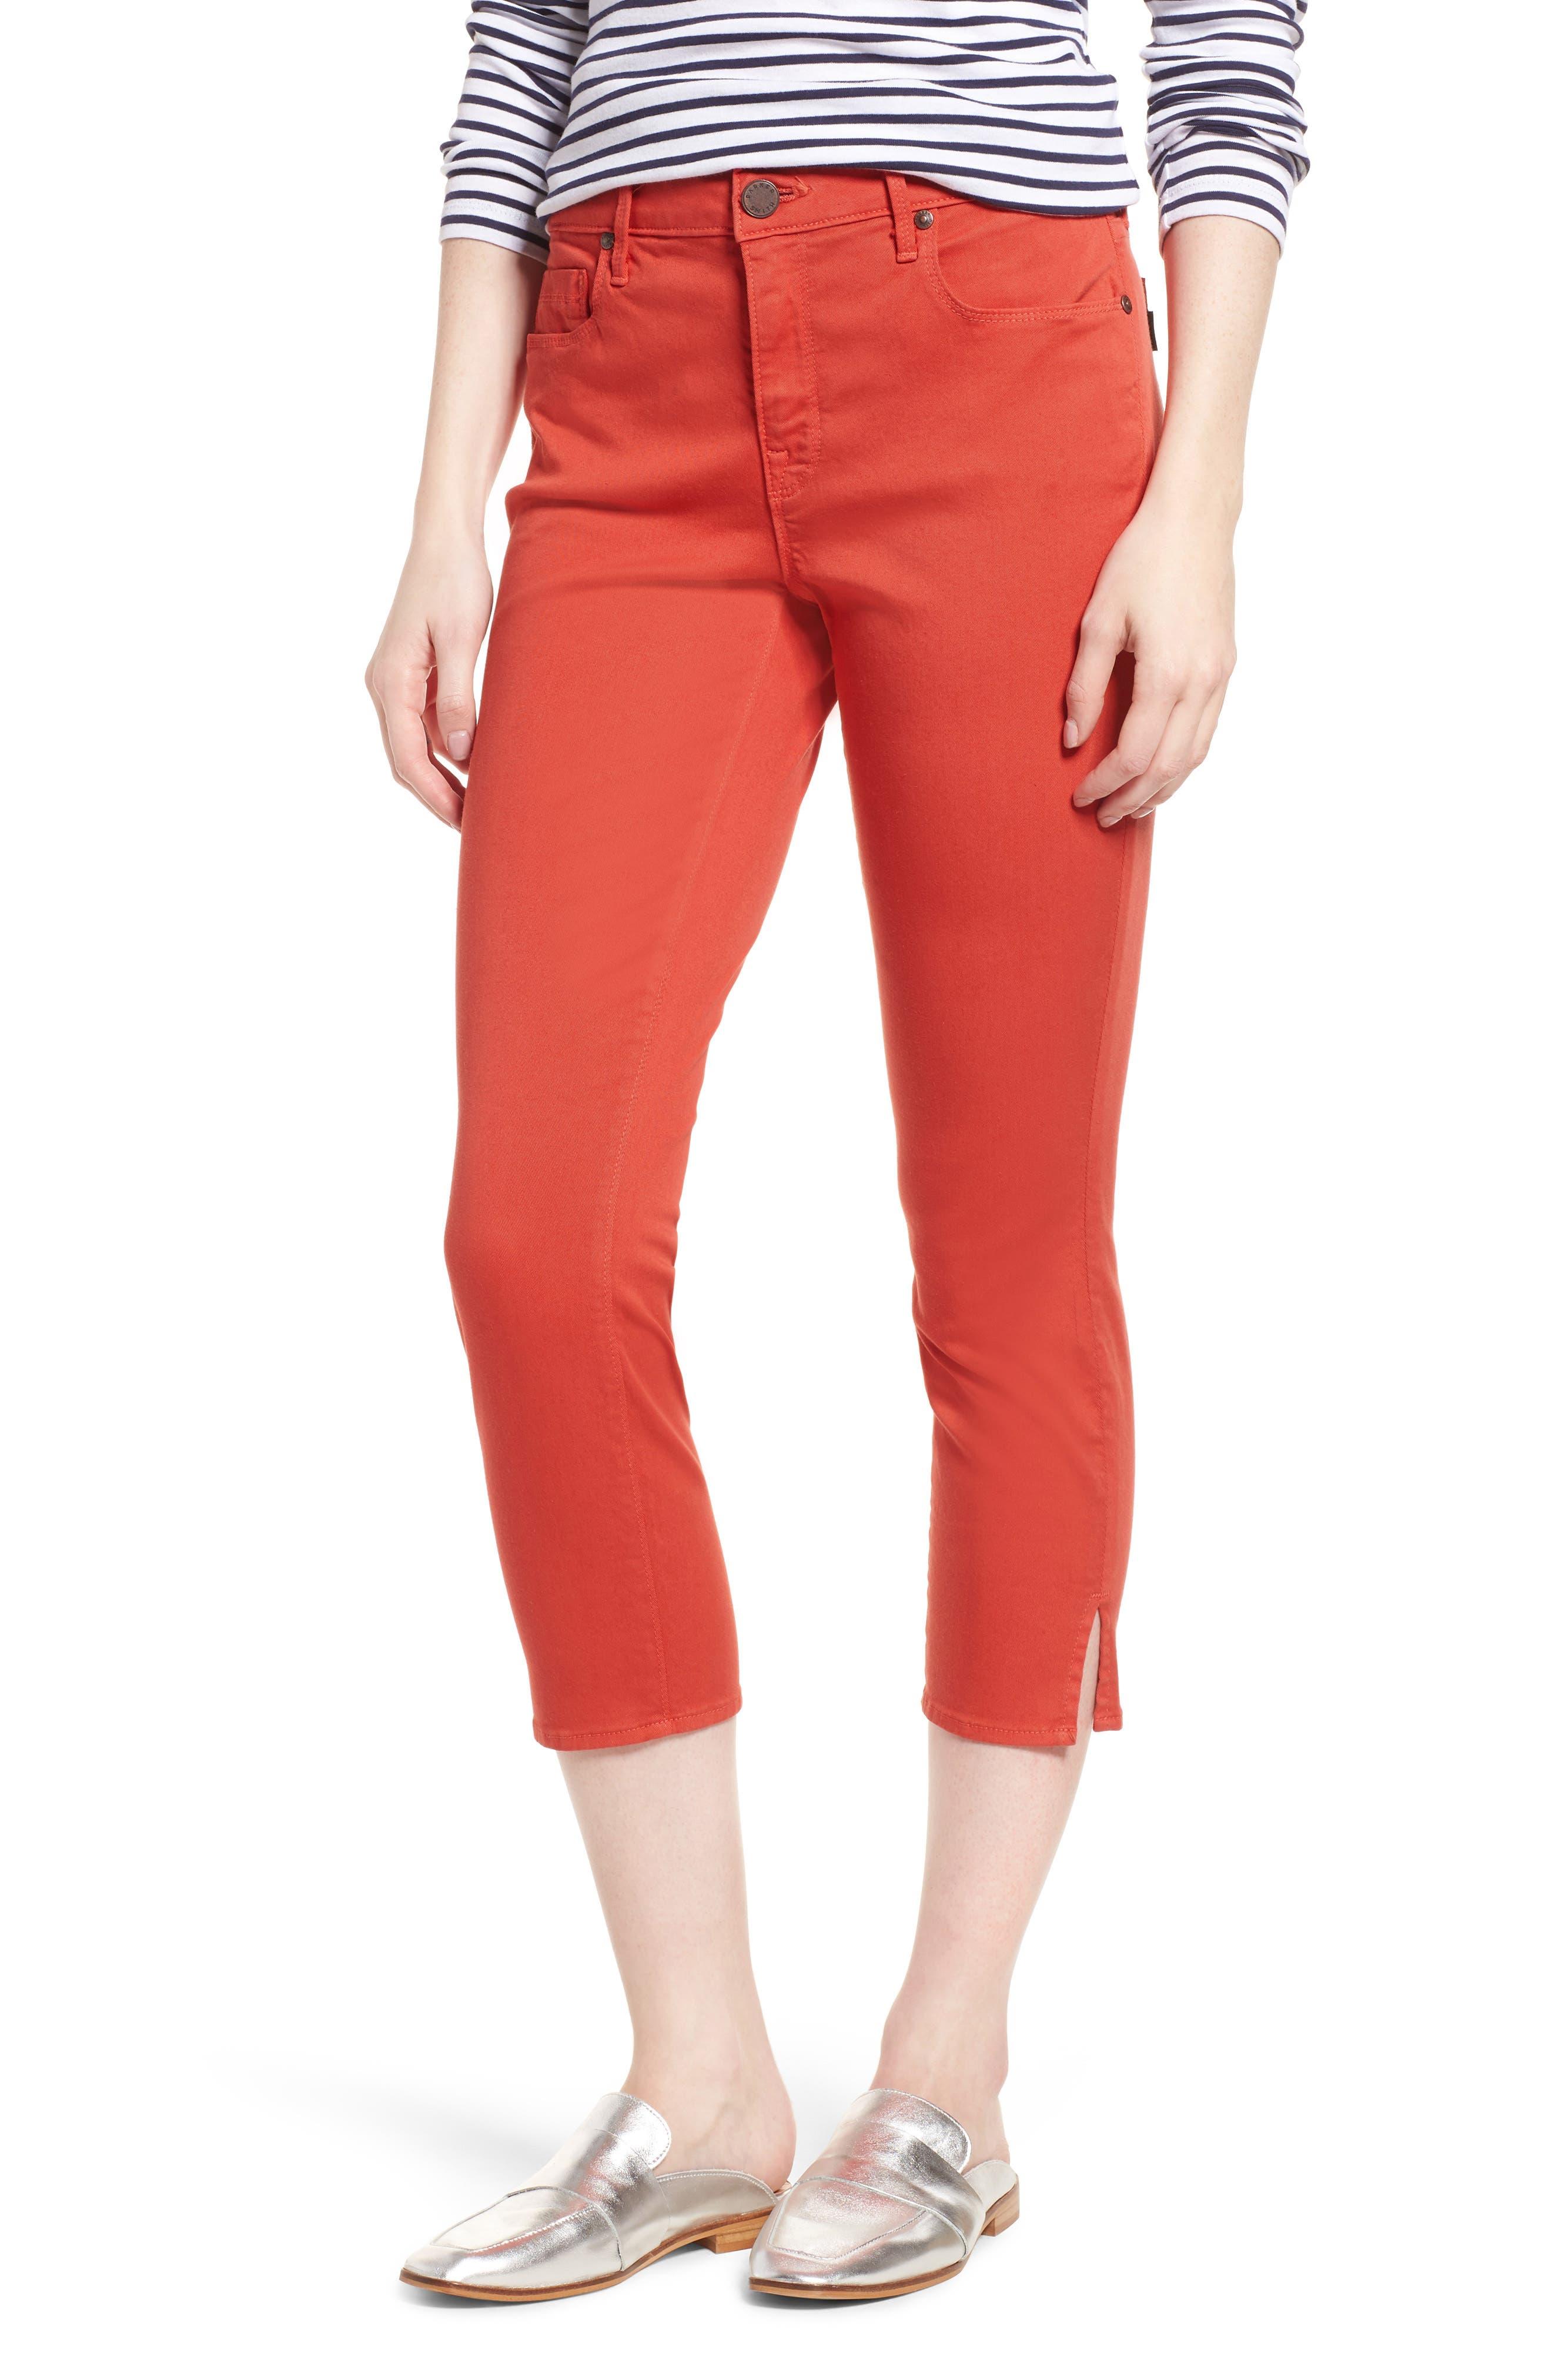 Pedal Pusher Crop Jeans,                         Main,                         color, Sunburst